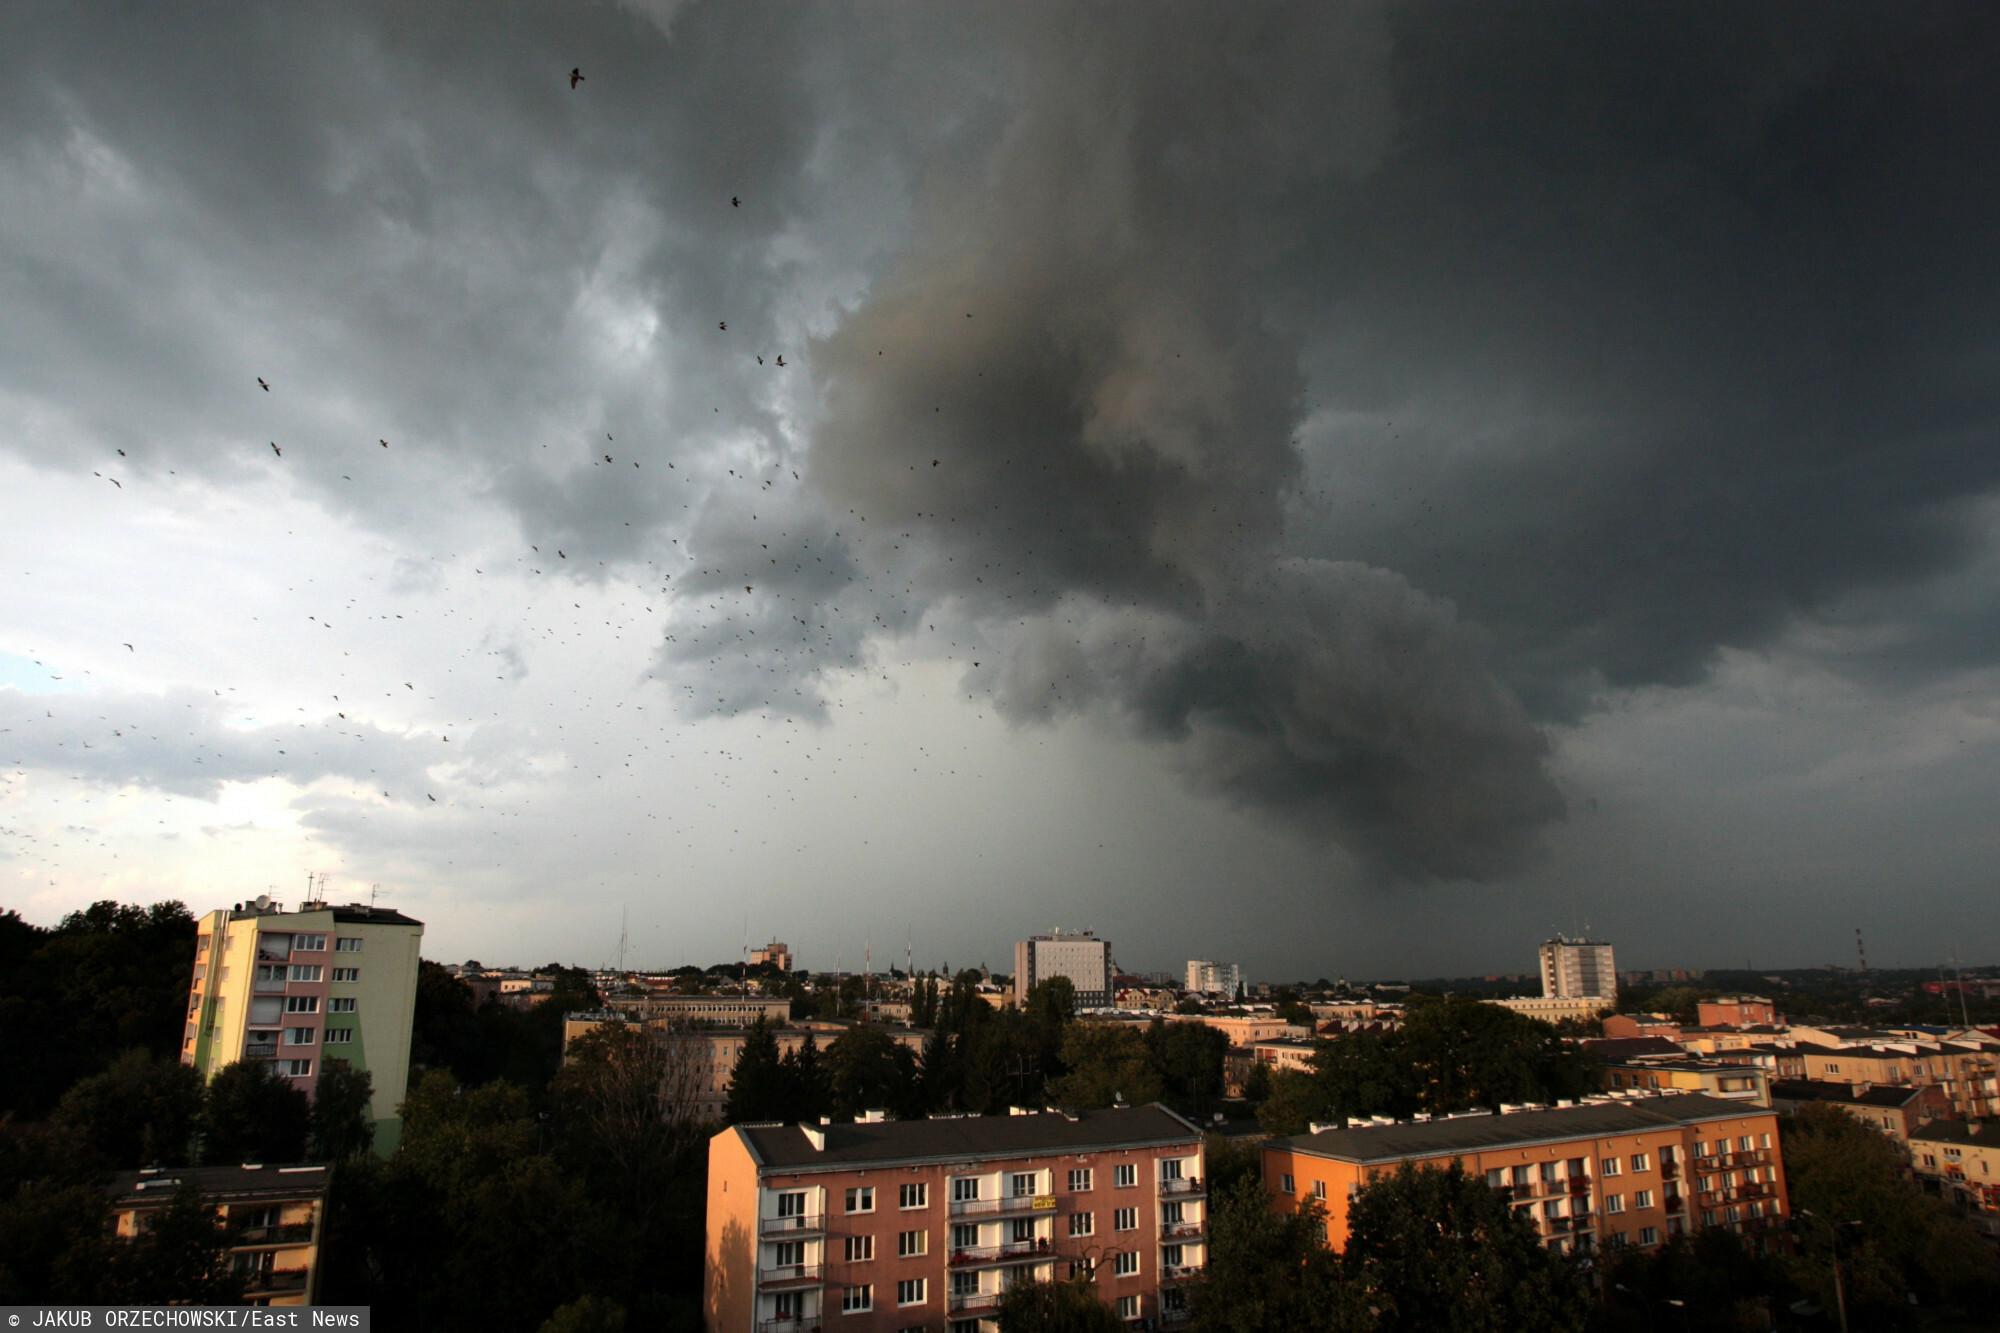 JAKUB ORZECHOWSKI/East News - zdjęcie ilustracyjne